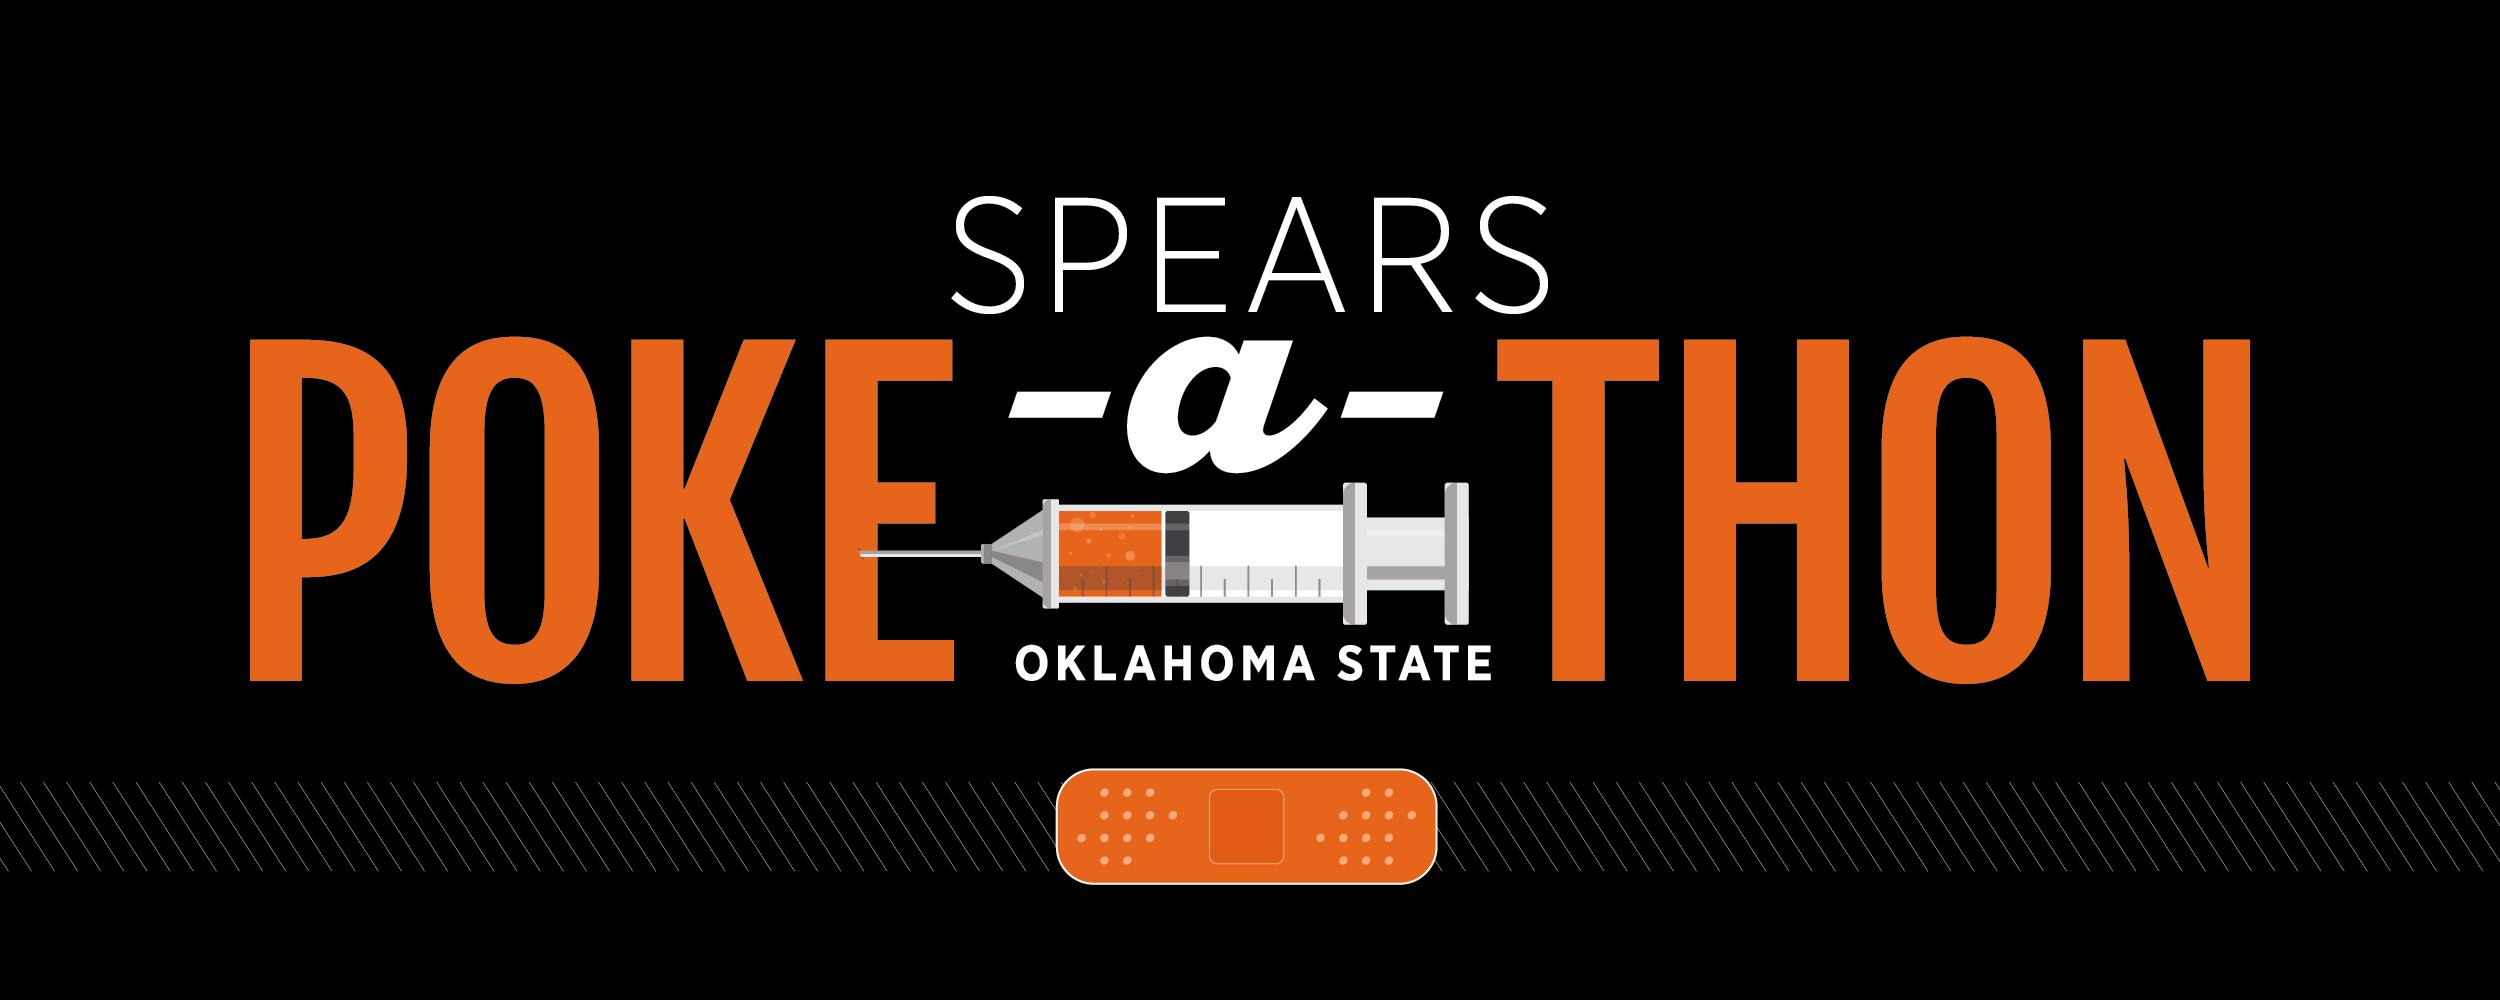 Spears Poke-a-thon logo